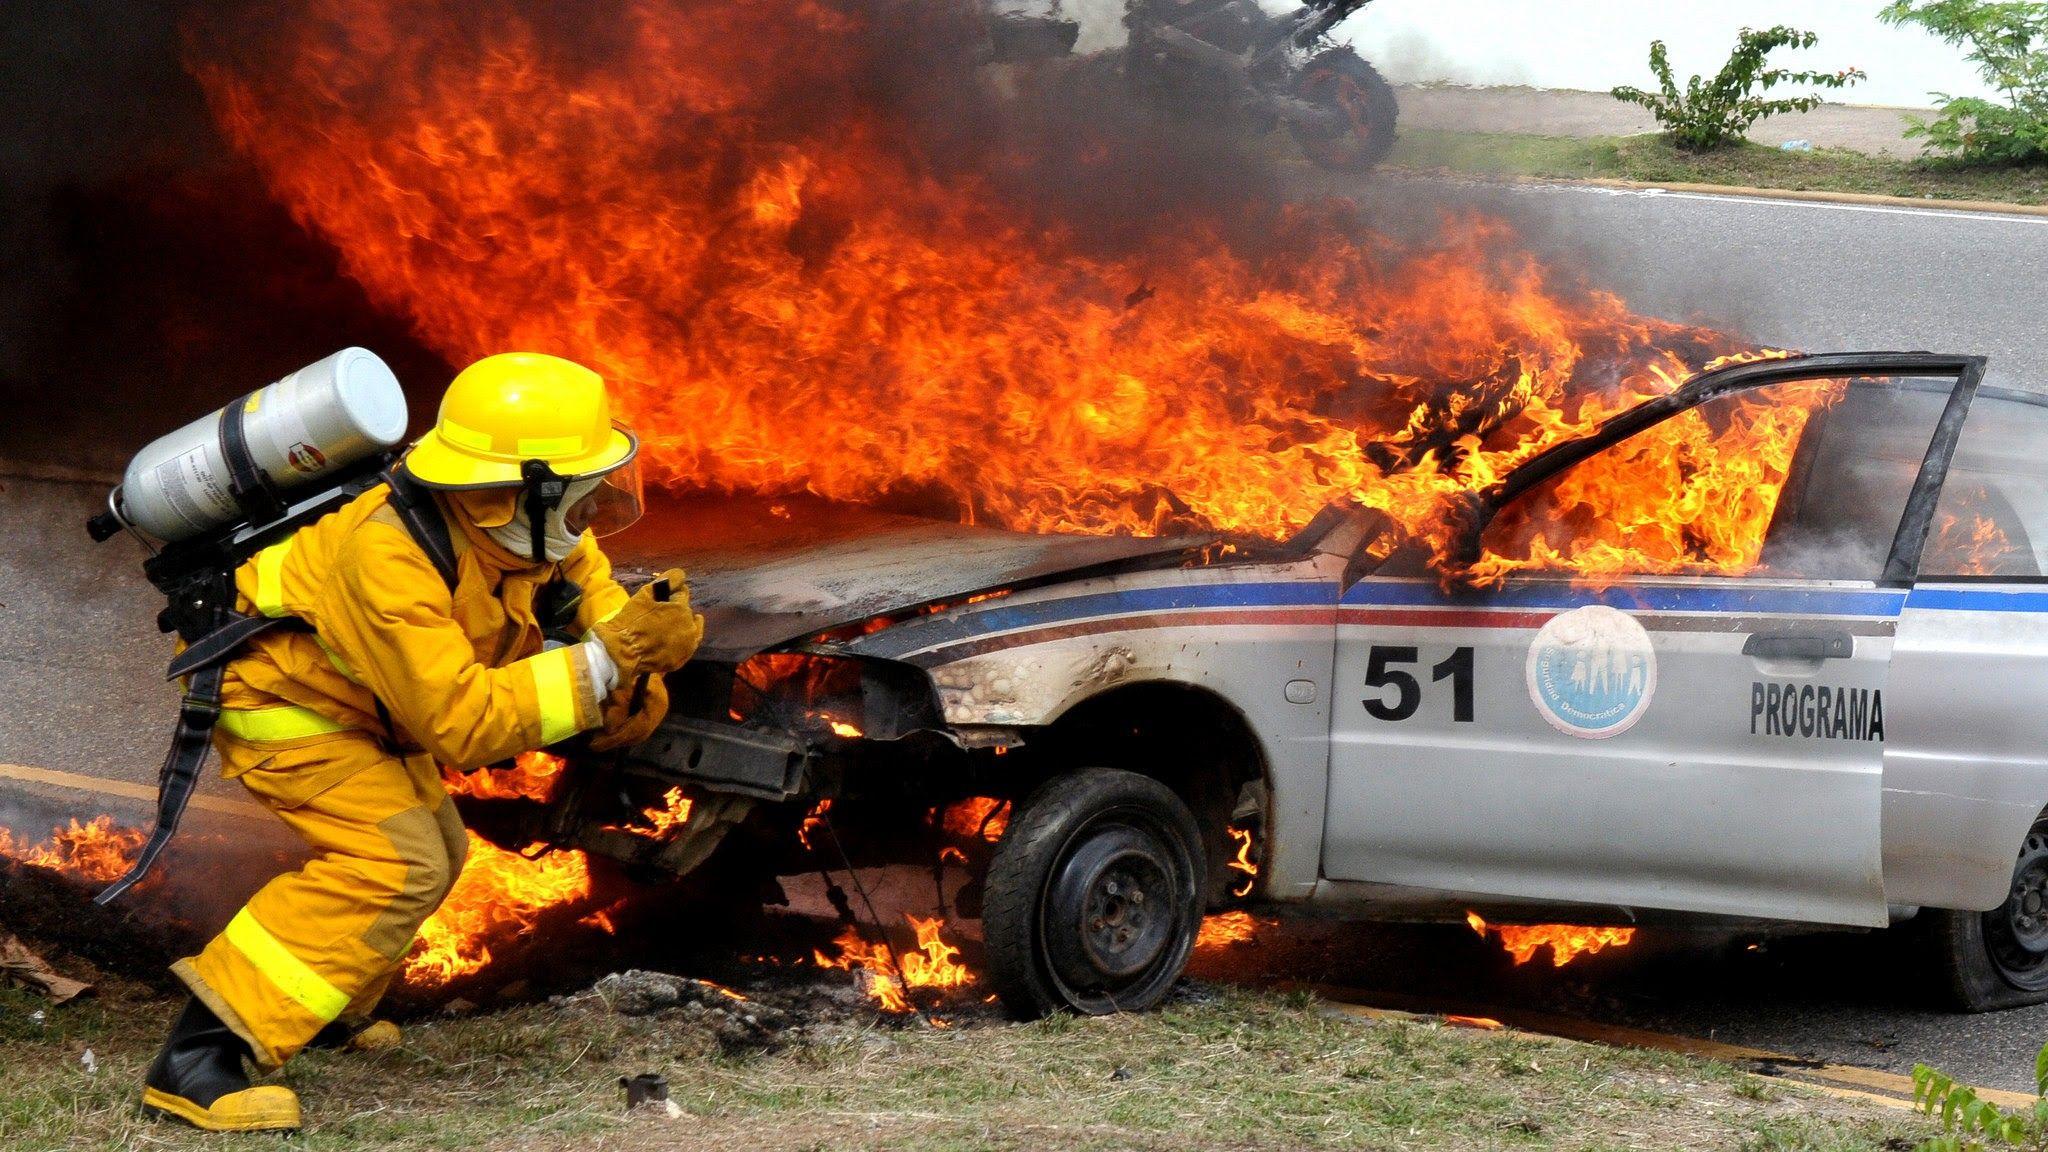 El jefe de Estado resaltó la vocación de servicio de los bomberos de todo el mundo, la cual sobrepasa los límites, sin miramiento alguno de los peligros que pueden amenazar su propia vida.